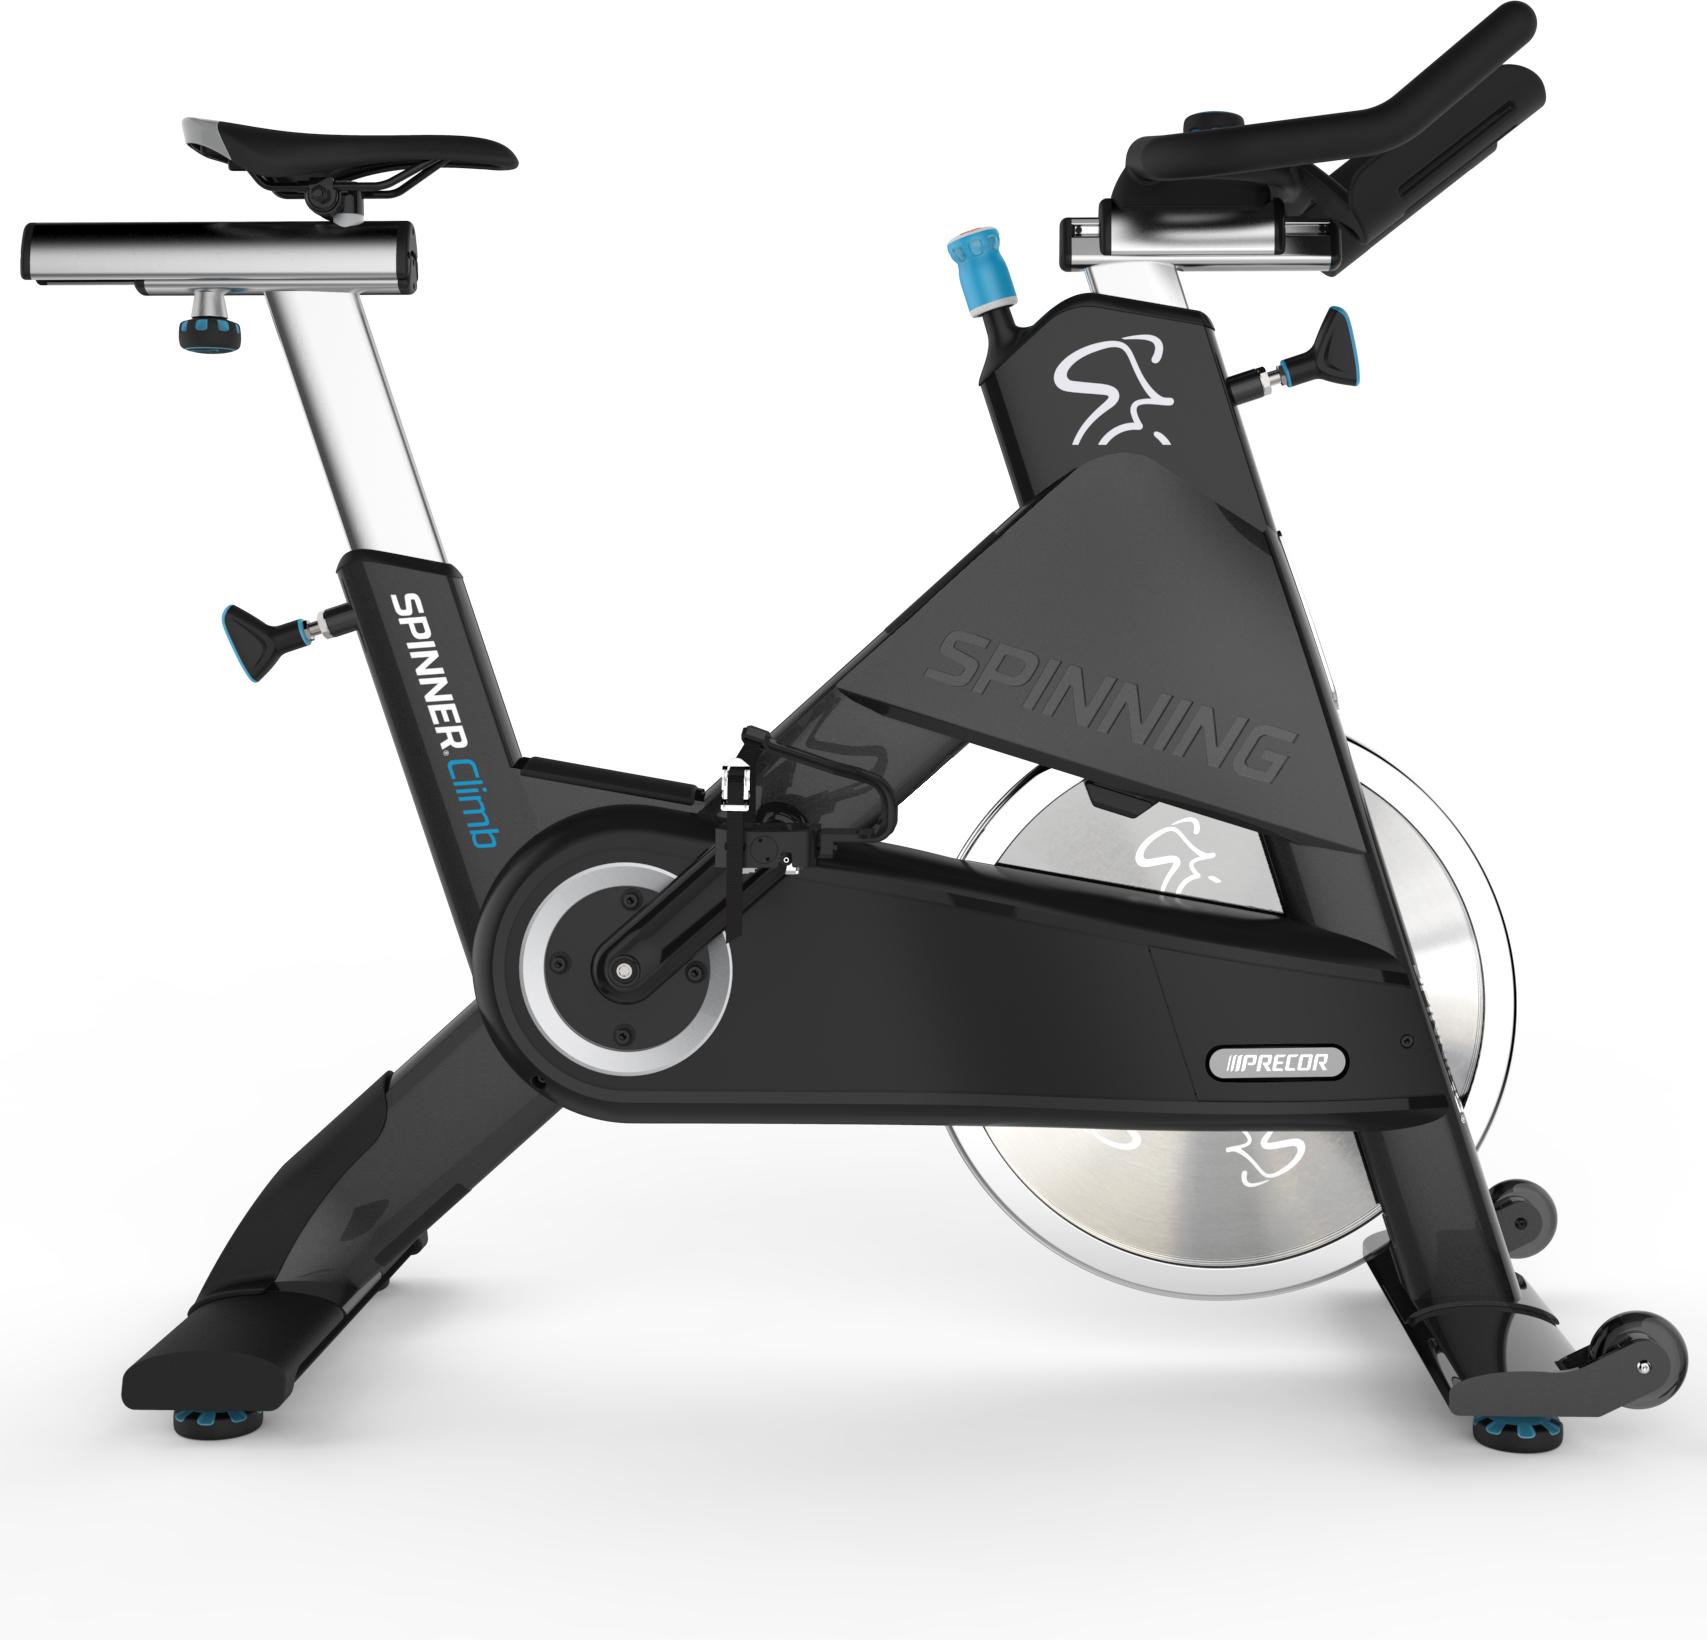 Precor Spinning Spinner Climb Indoor Bike